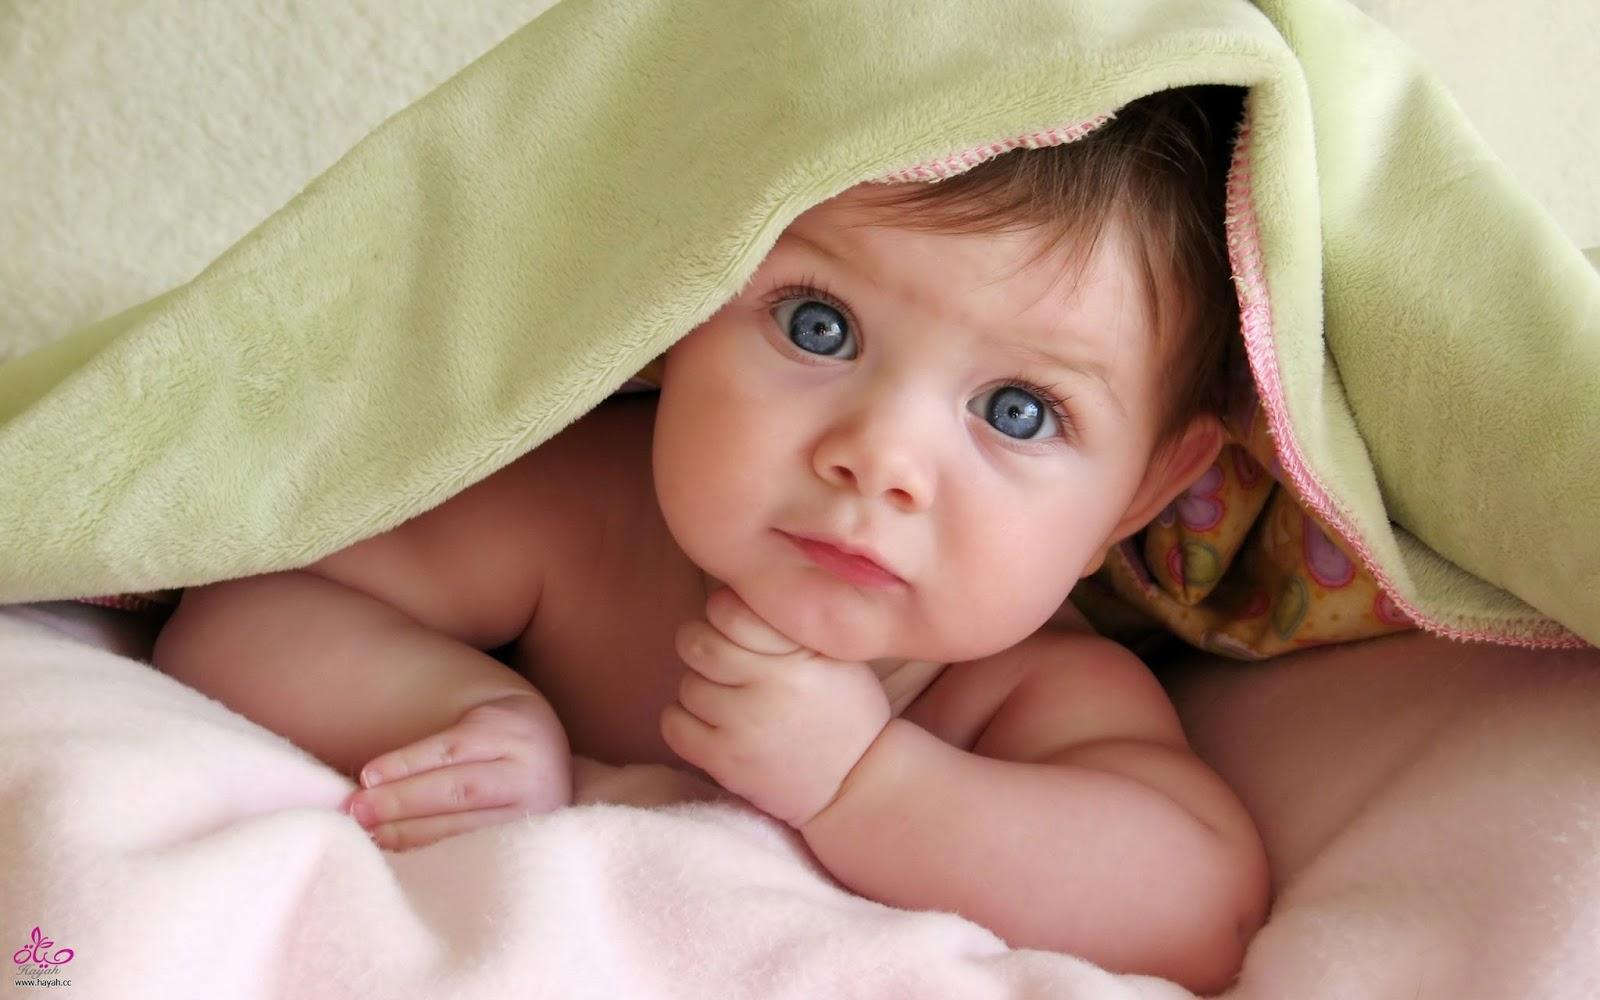 صور أطفال جميلة 2020 اجمل صور الاطفال صور بيبى جميلة ولاد وبنات صغار 2